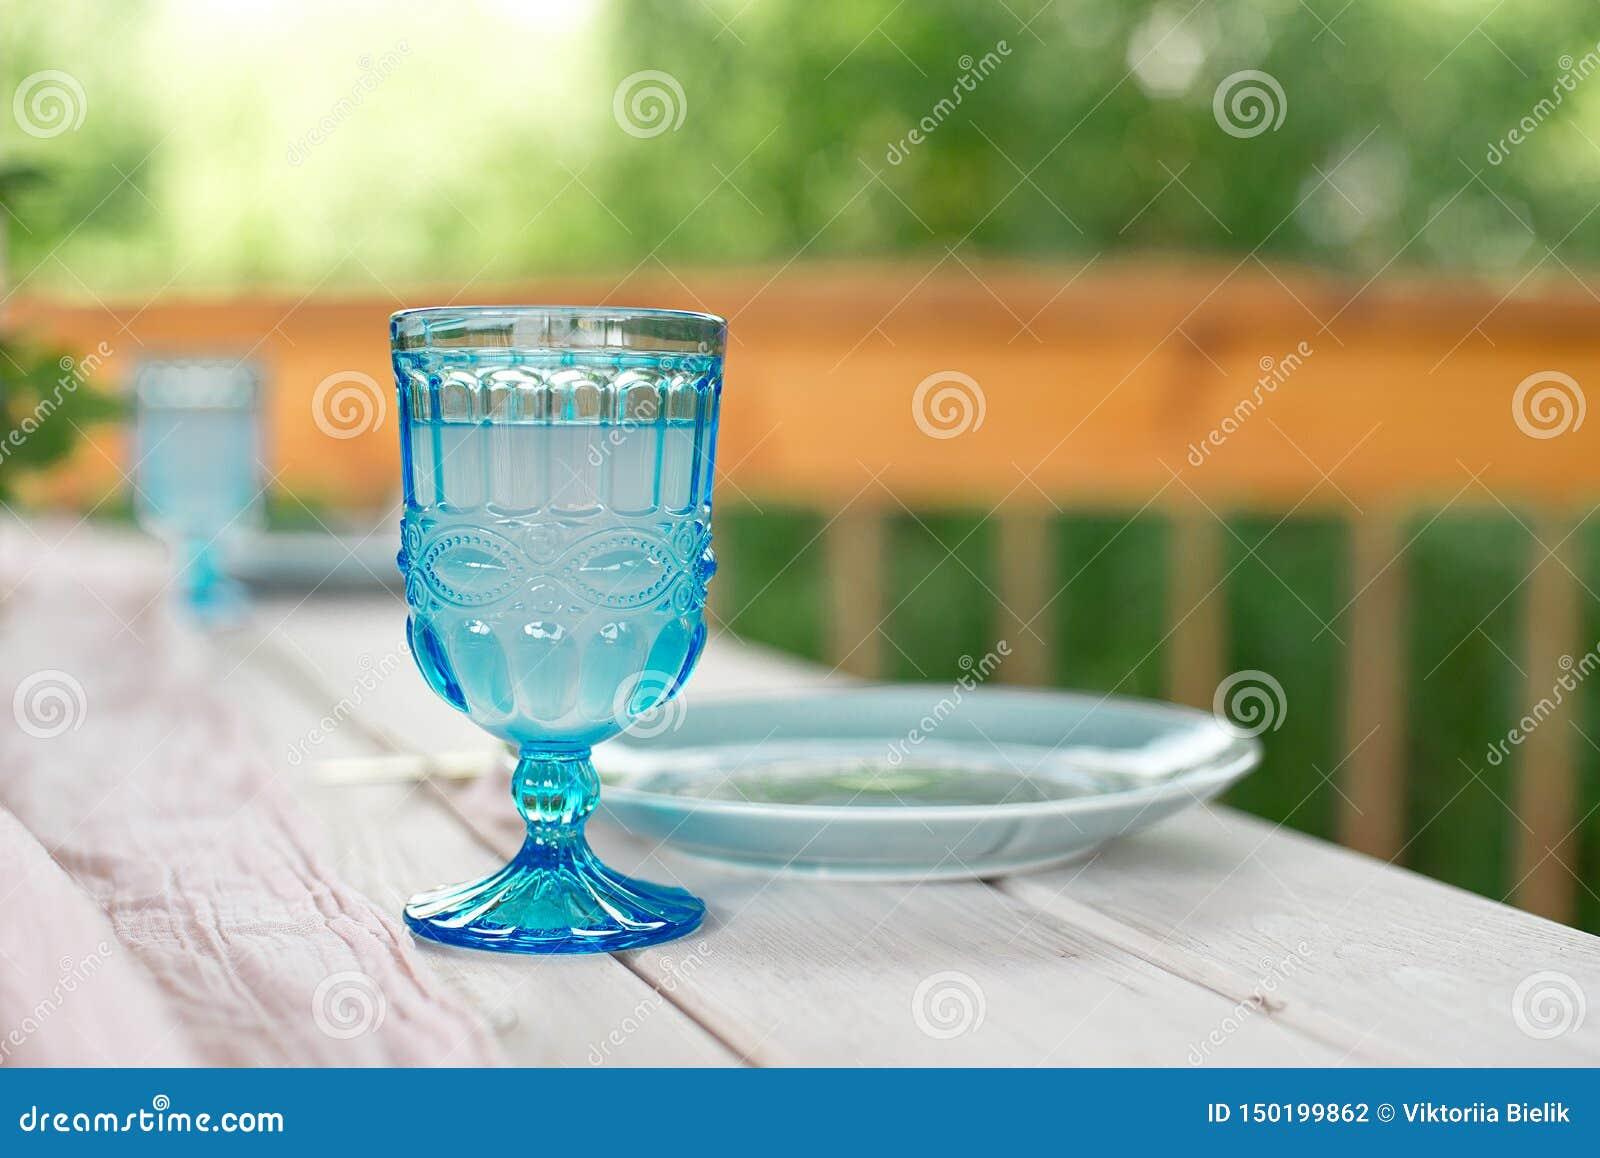 Lijst voor gasten, met kaarsen worden, met bestek en aardewerk worden gediend verfraaid die en omvat met een tafelkleed blauwe pl